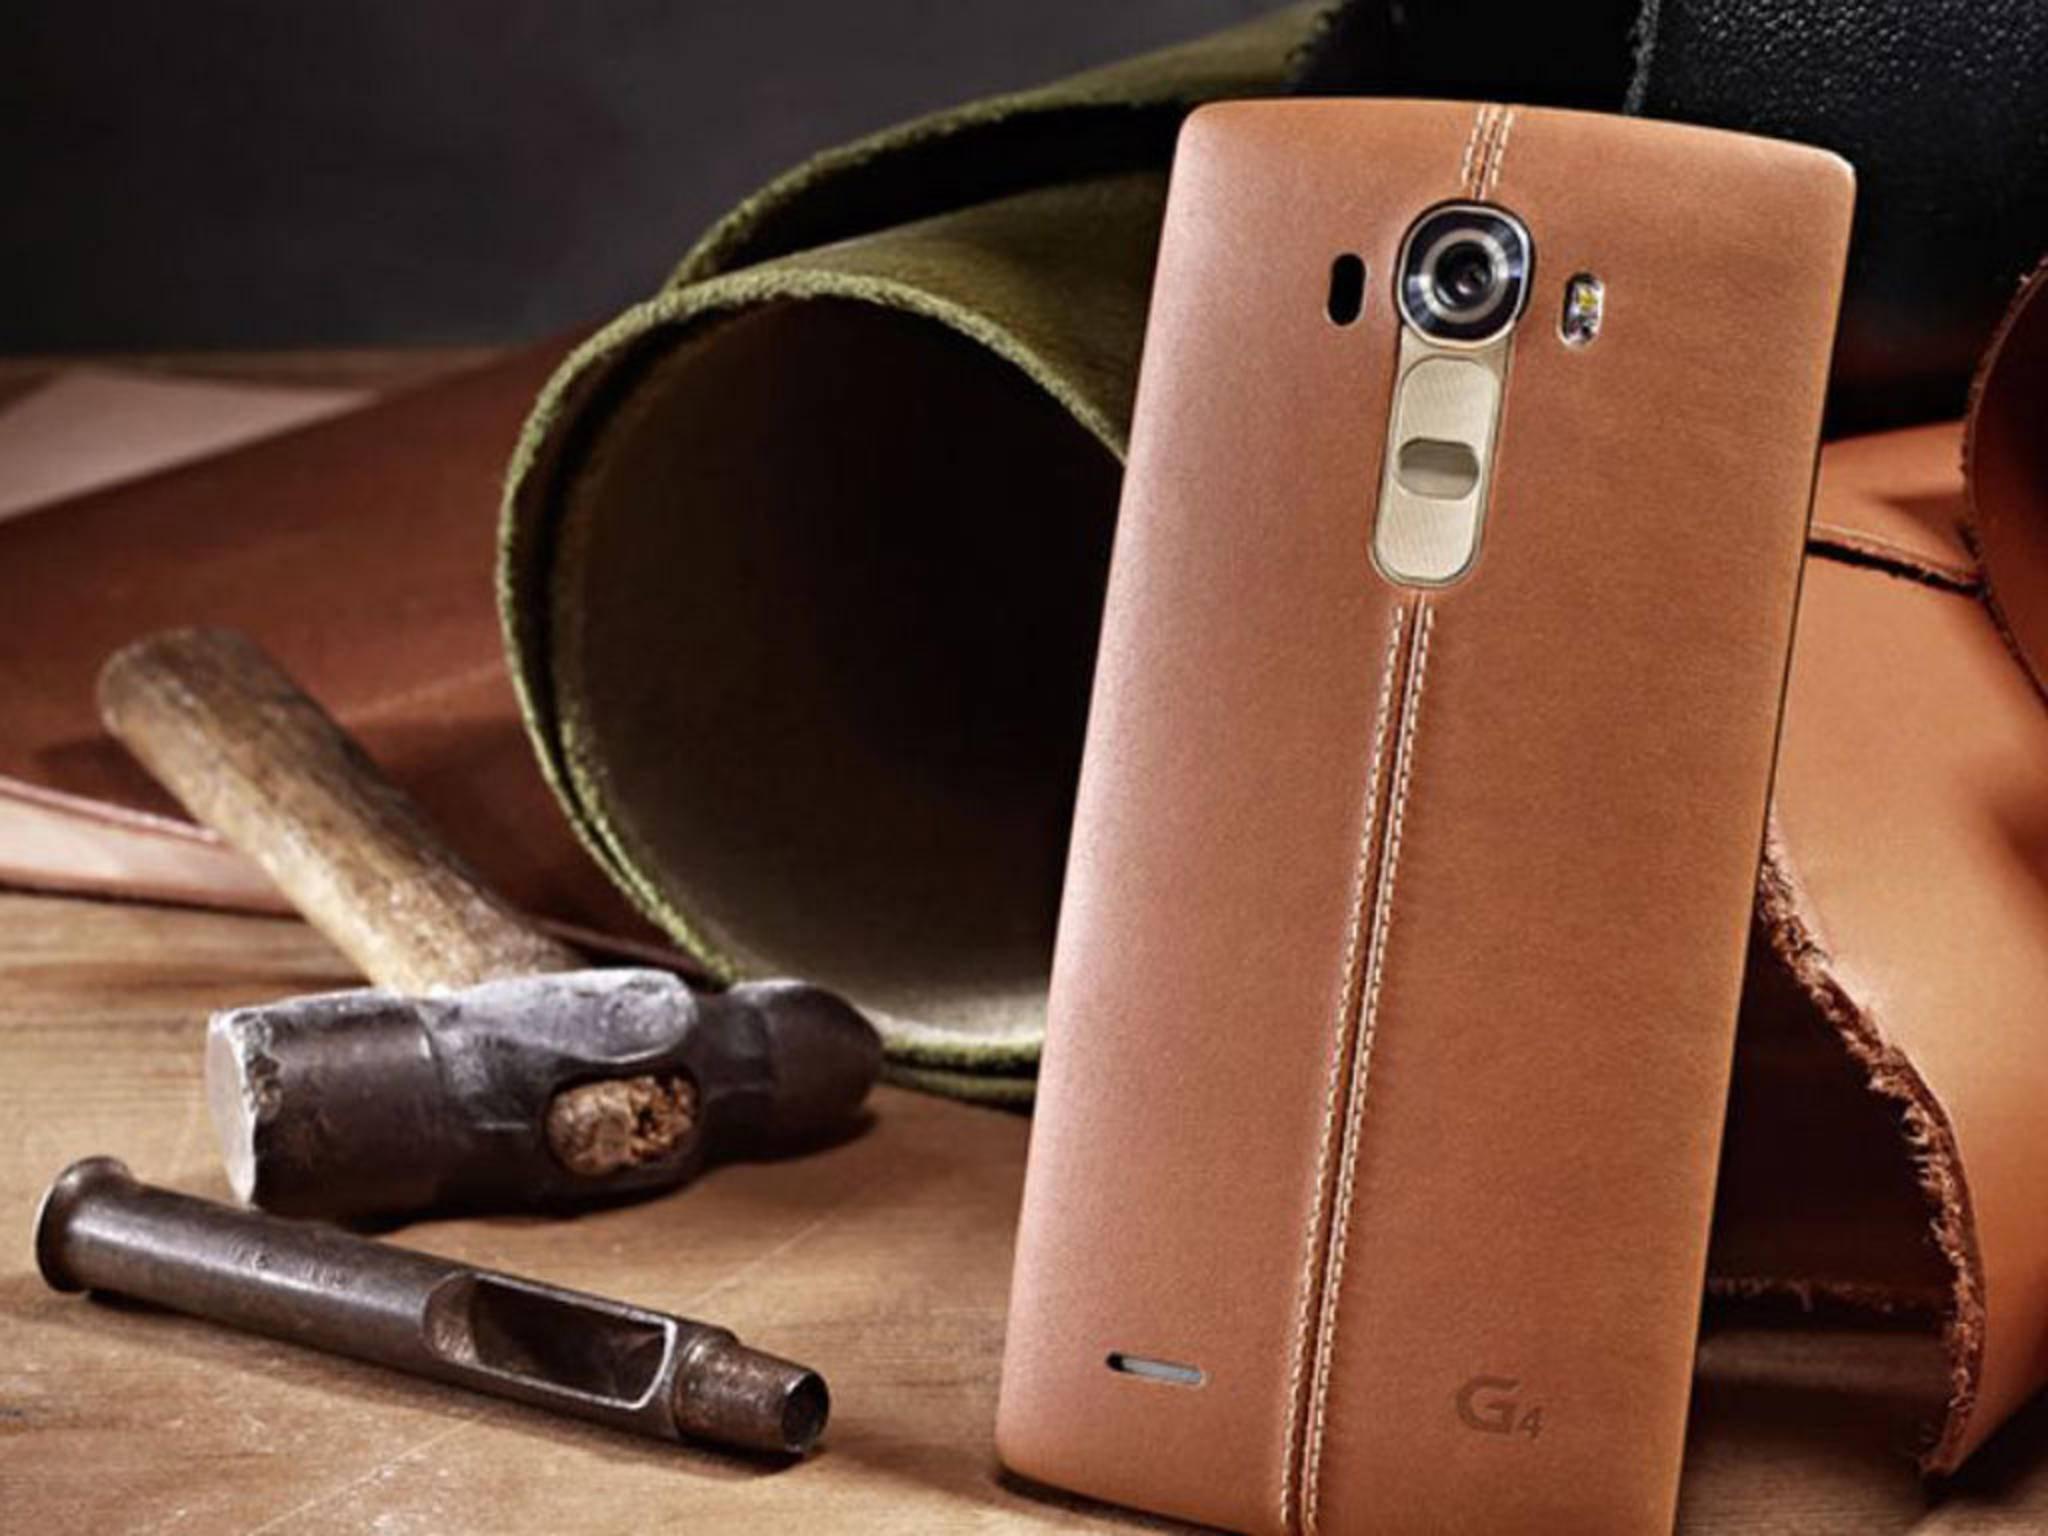 Das LG G4 zieht mit seinem Lederrücken die Blicke auf sich.